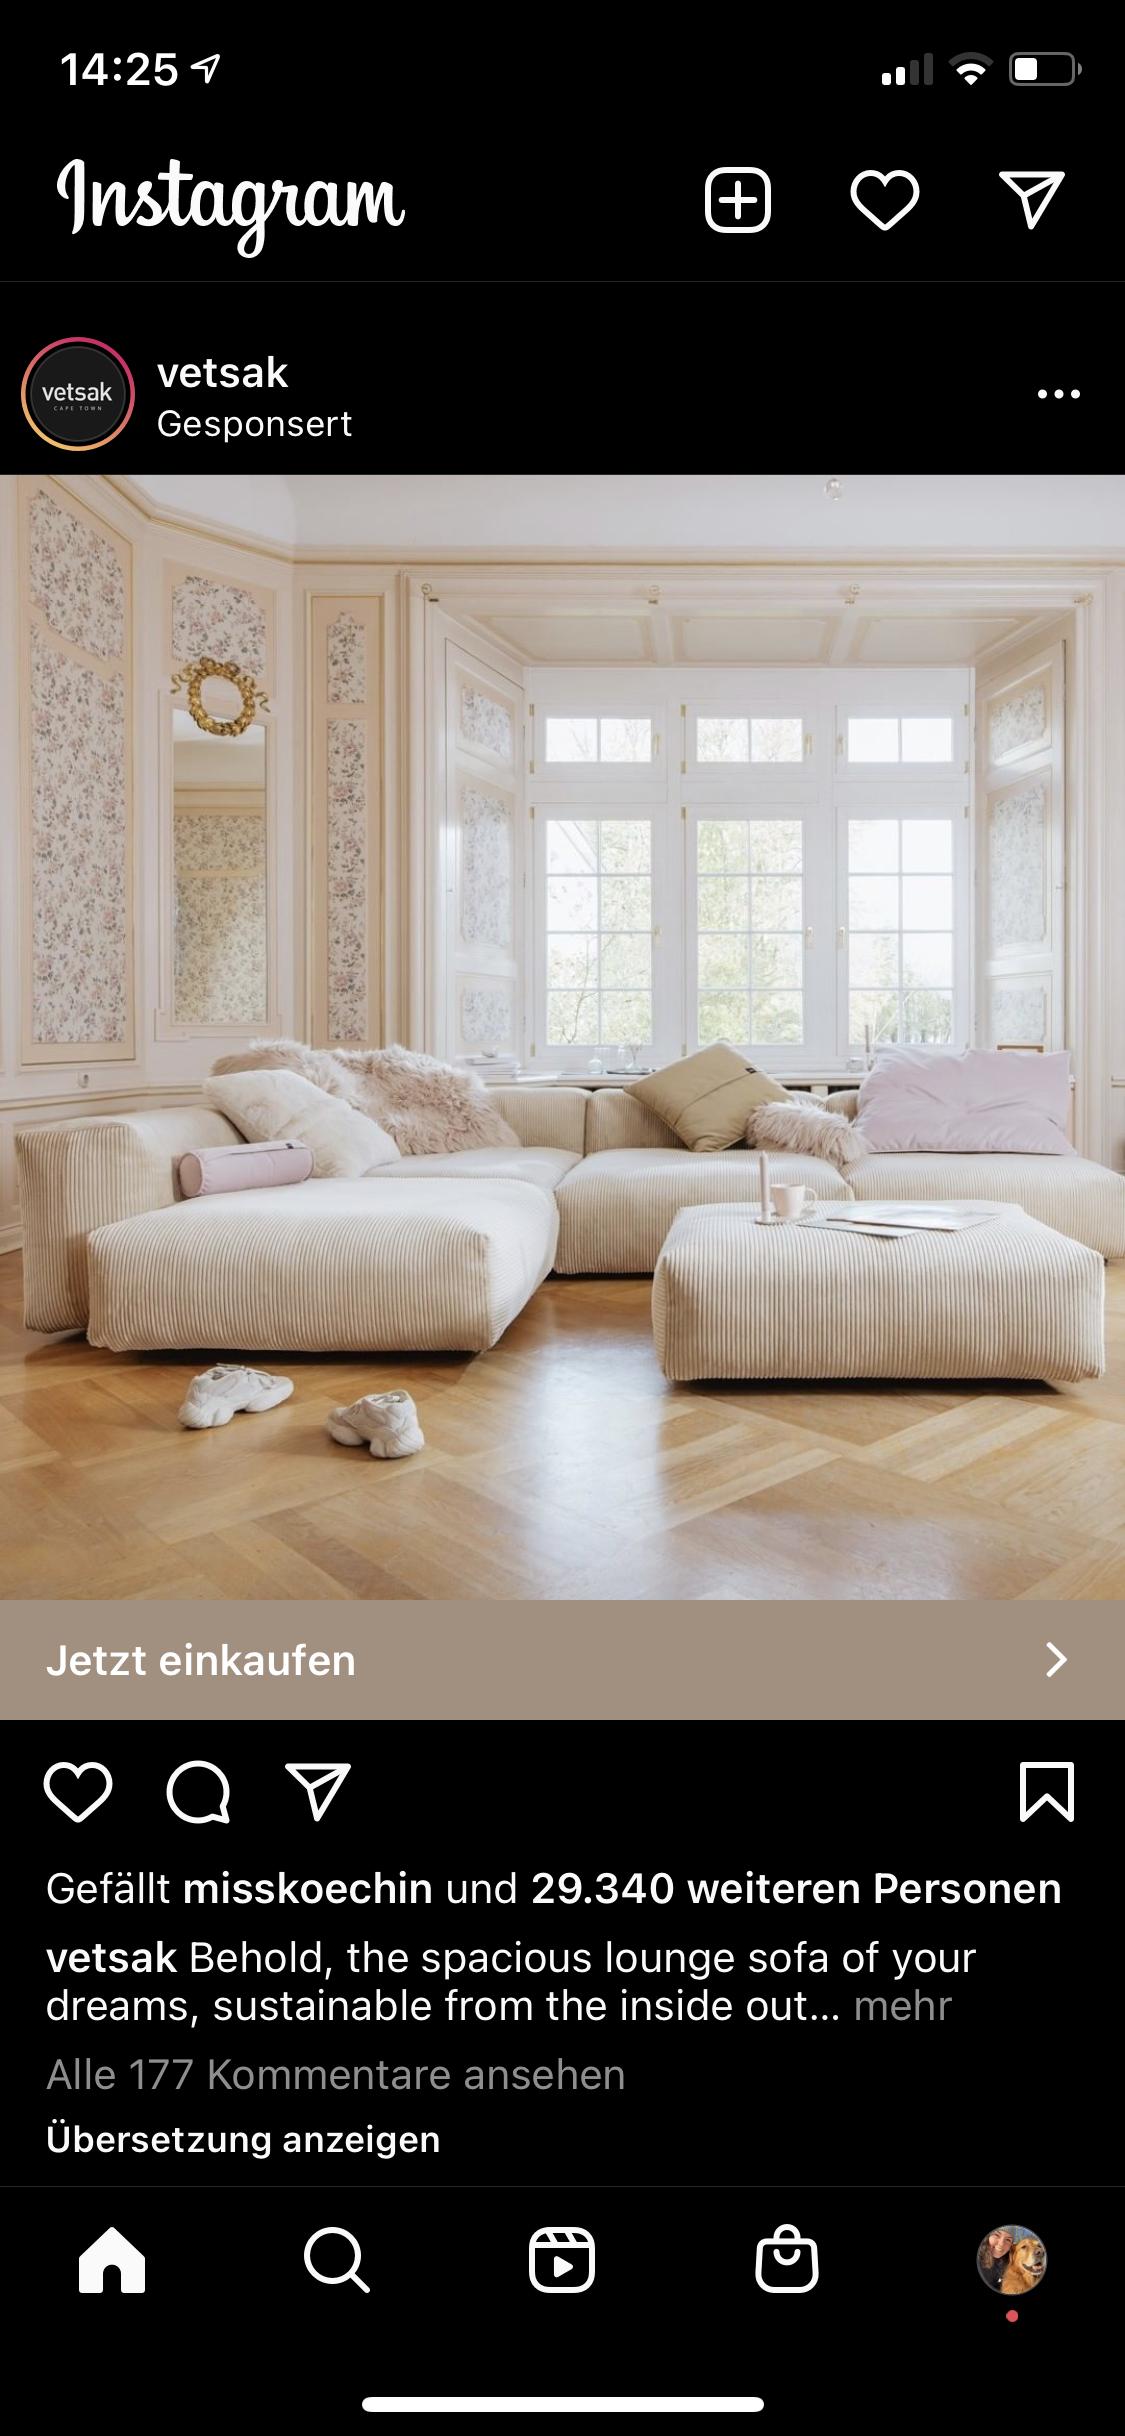 """Das Bild zeigt eine Instagram Ad, die im Feed des Nutzers platziert ist. Gekennzeichnet wird sie durch die Markierung """"Gesponsert""""."""